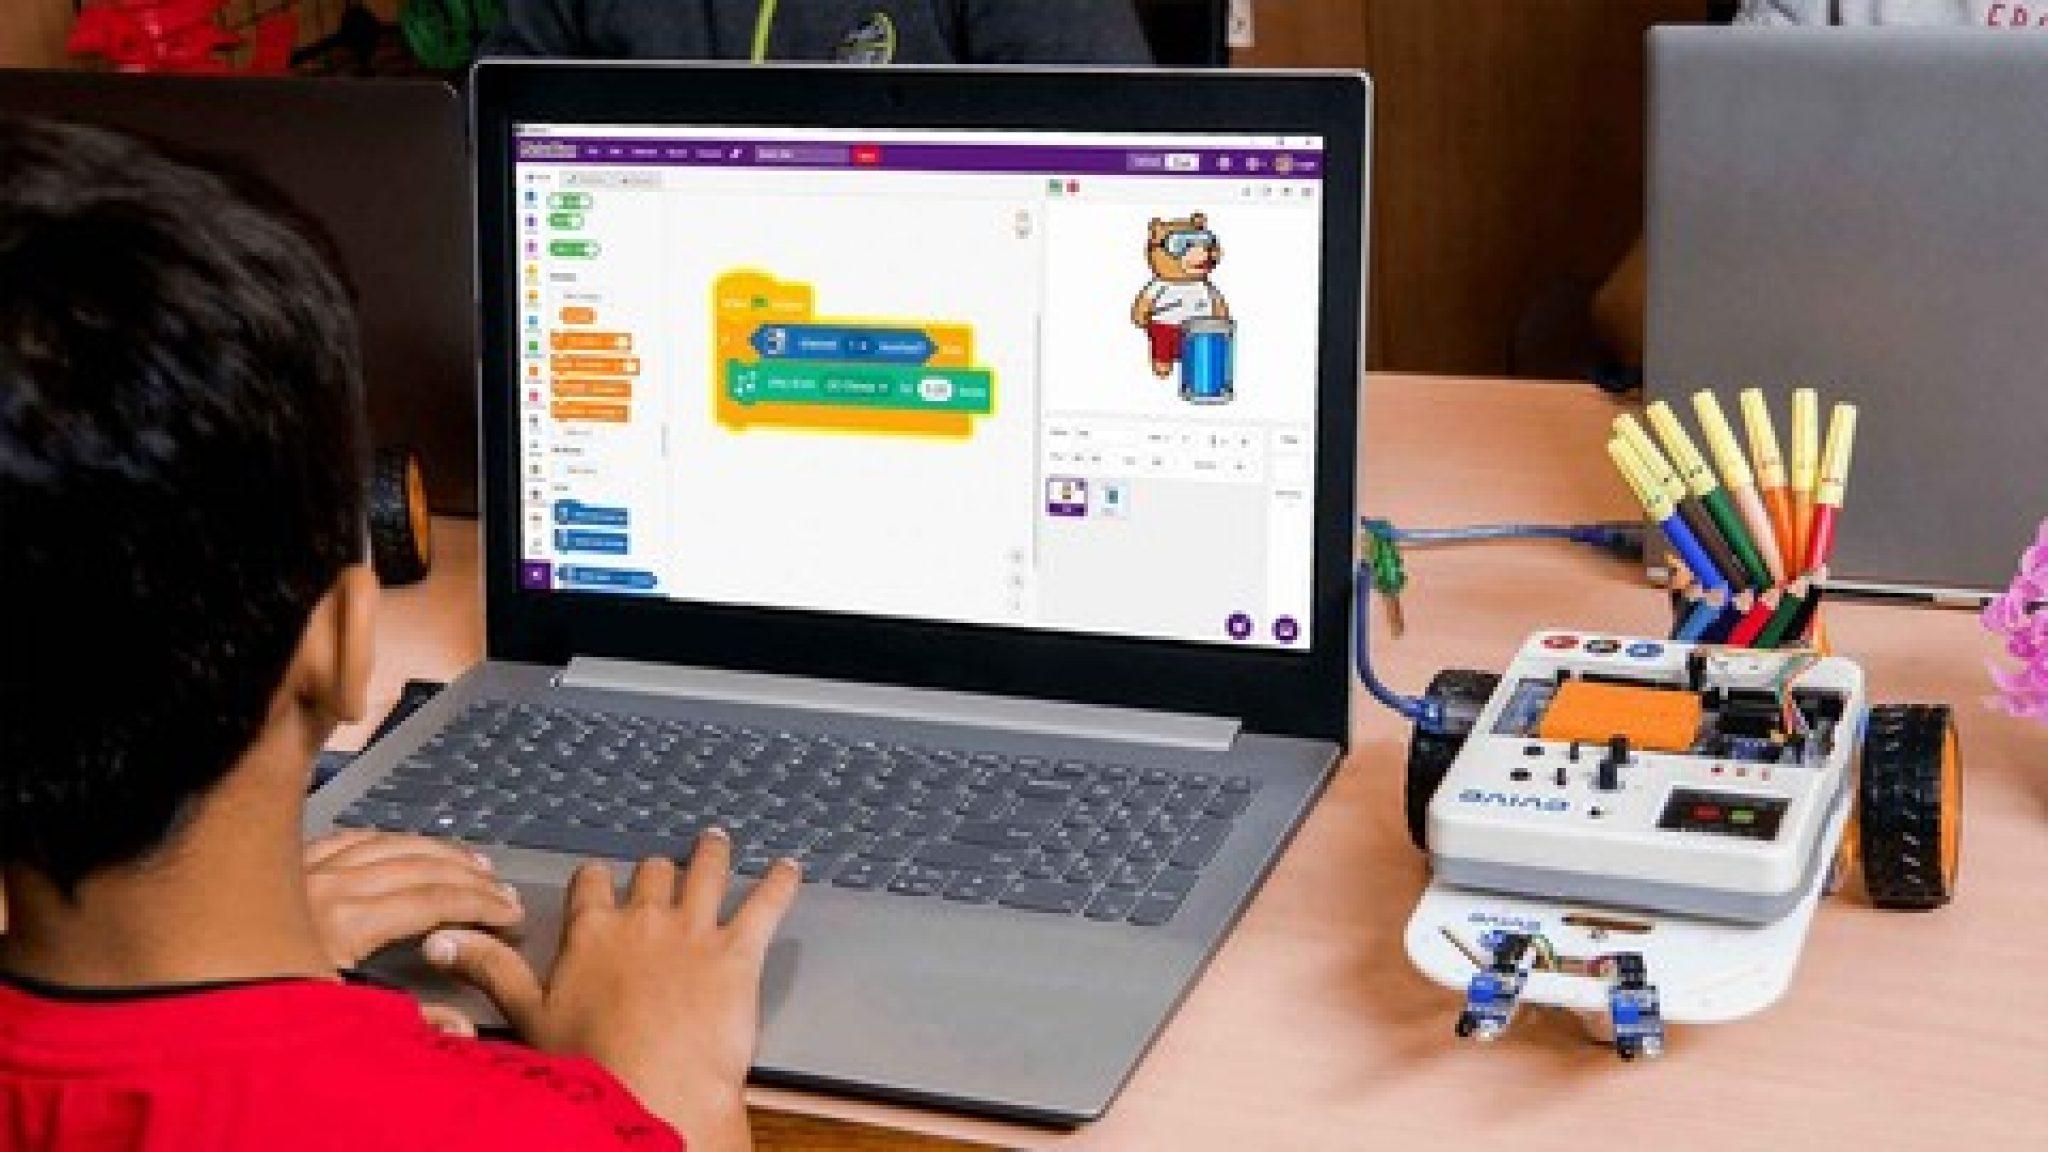 تعليم البرمجة للاطفال واهميتها ومتى تبدأ في تعليم طفلك البرمجة